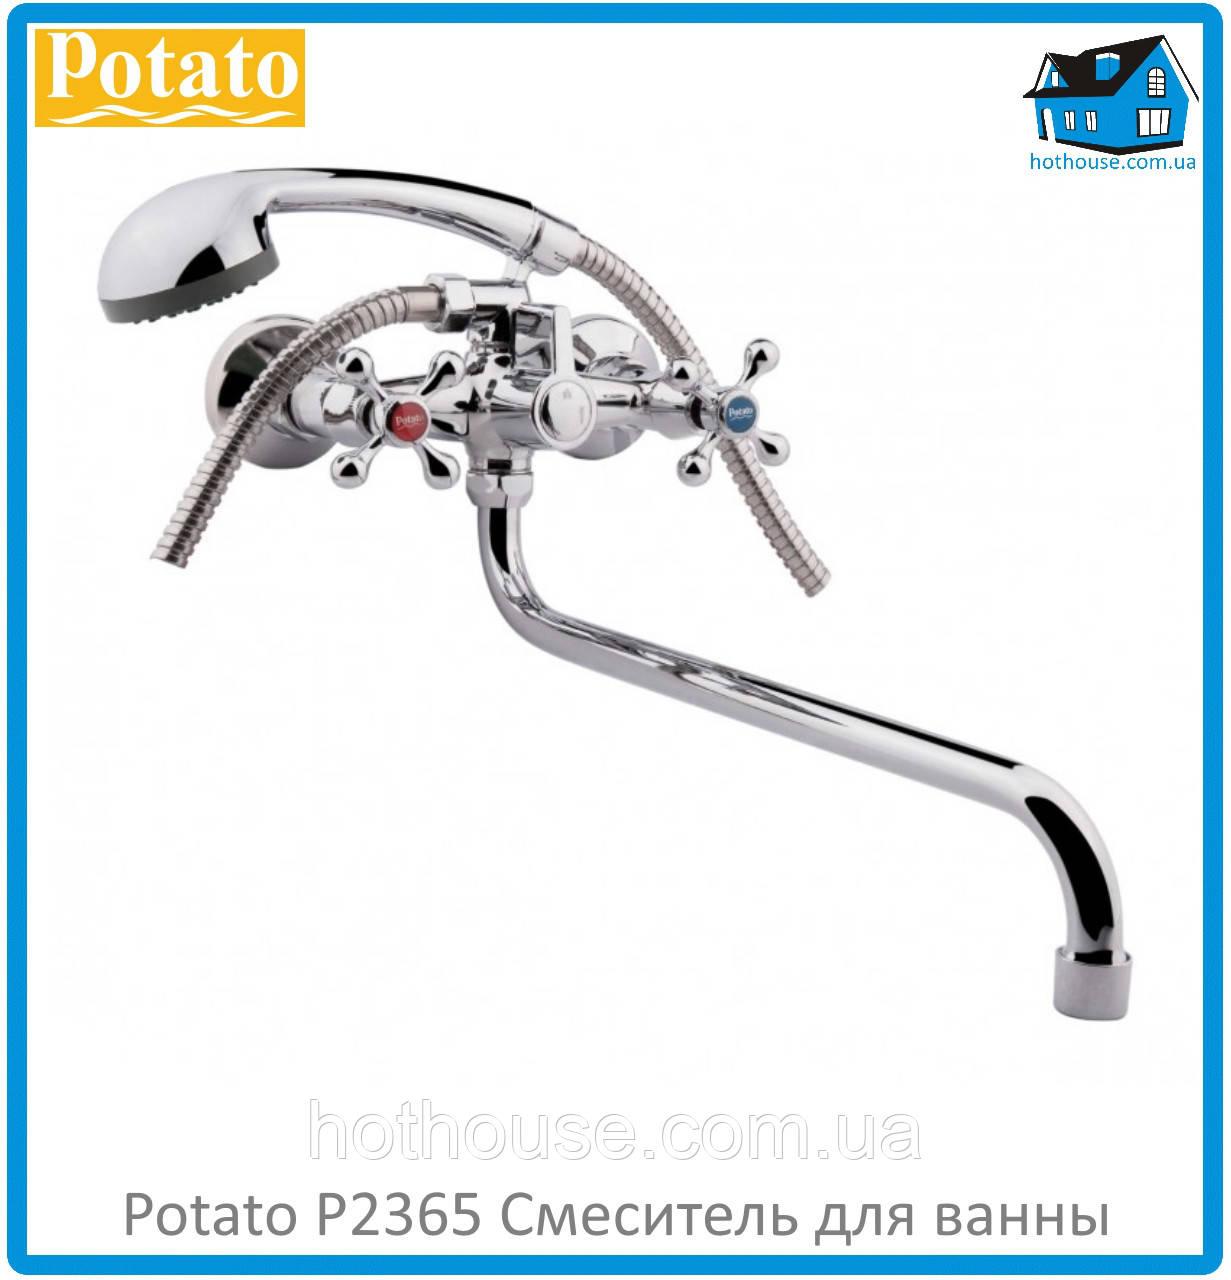 Смеситель для ванны Potato P2365